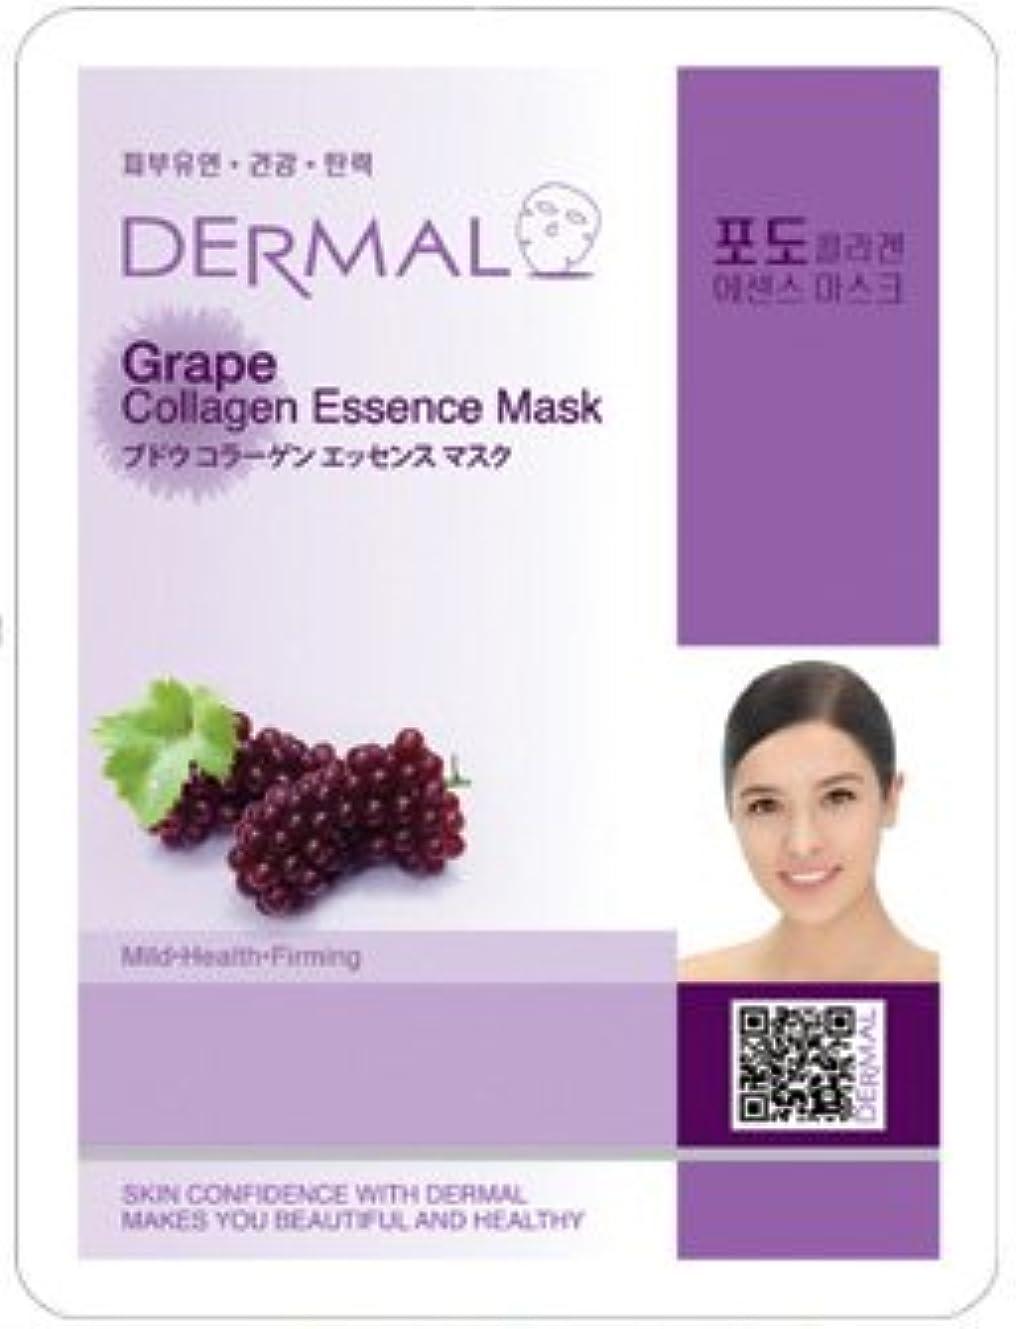 置換バット卑しいシートマスク ブドウ 100枚セット ダーマル(Dermal) フェイス パック